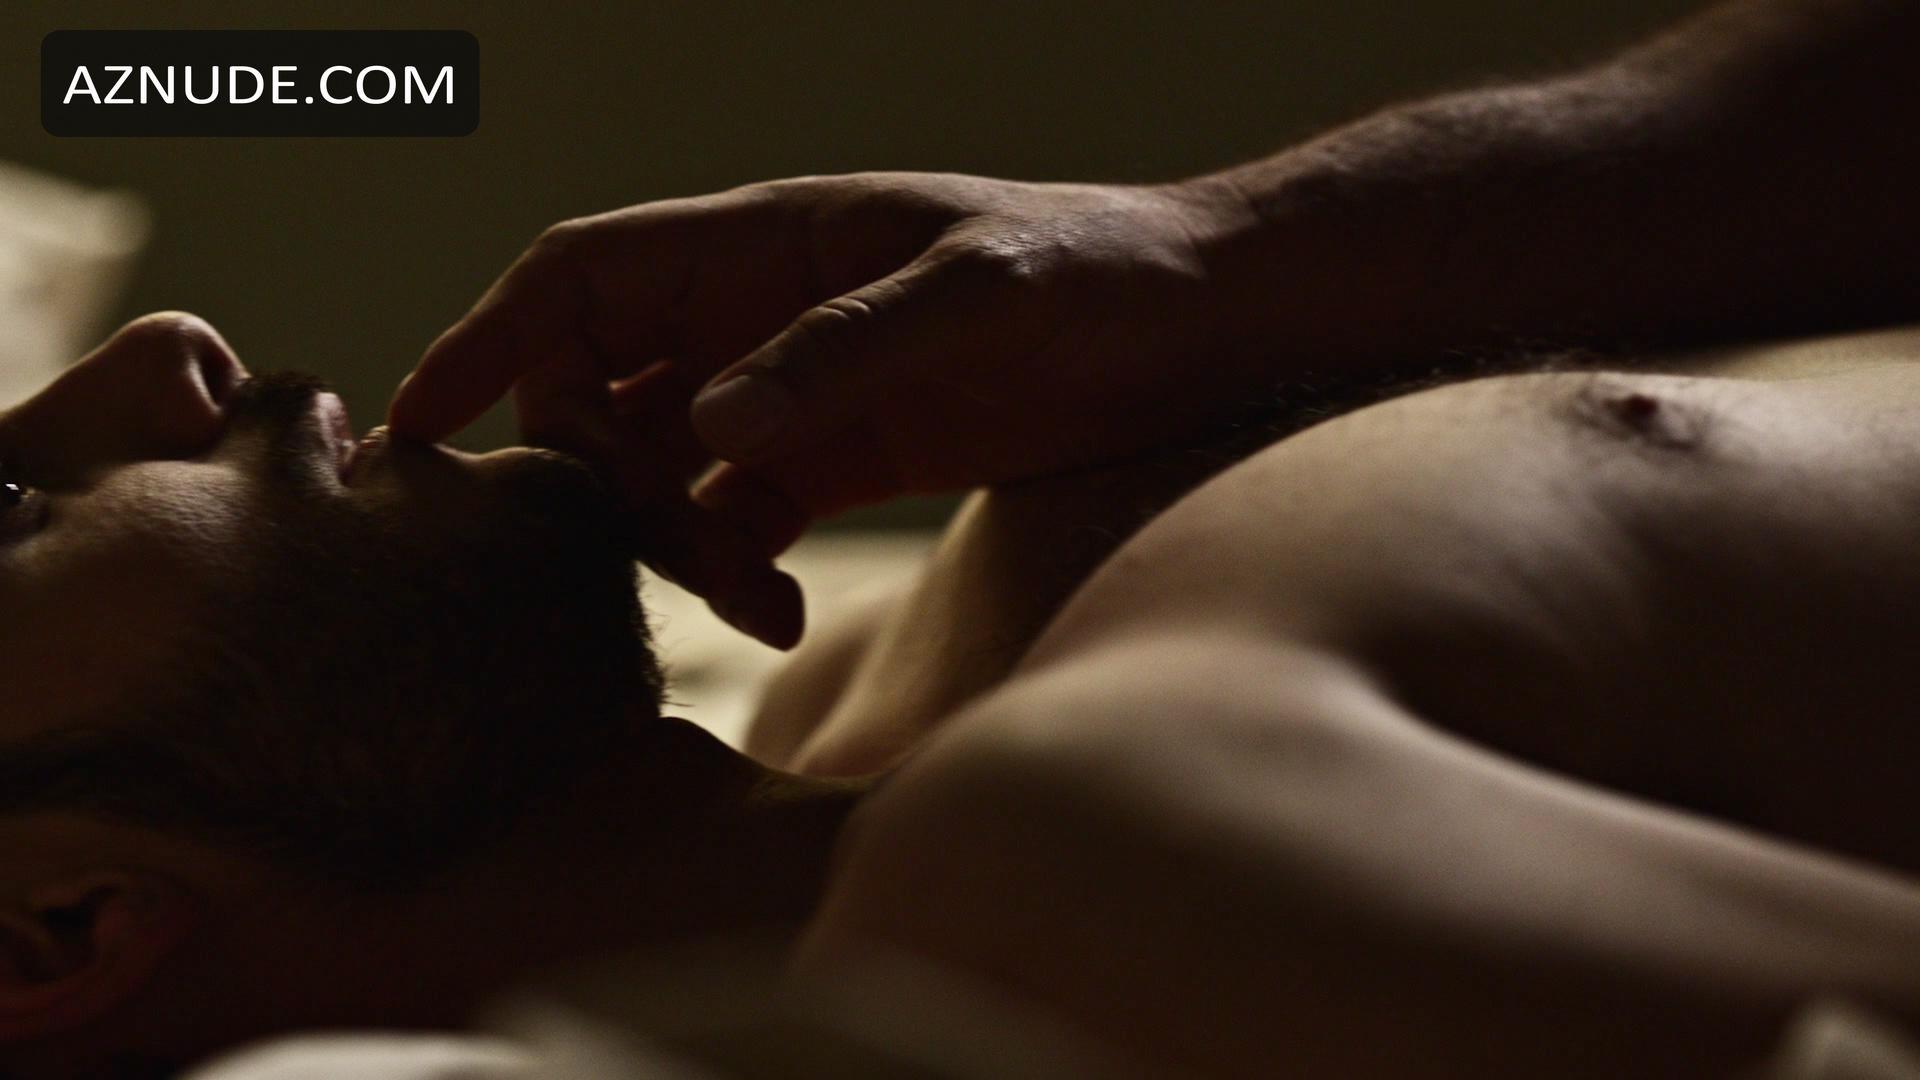 OMID ABTAHI Nude  AZNude Men